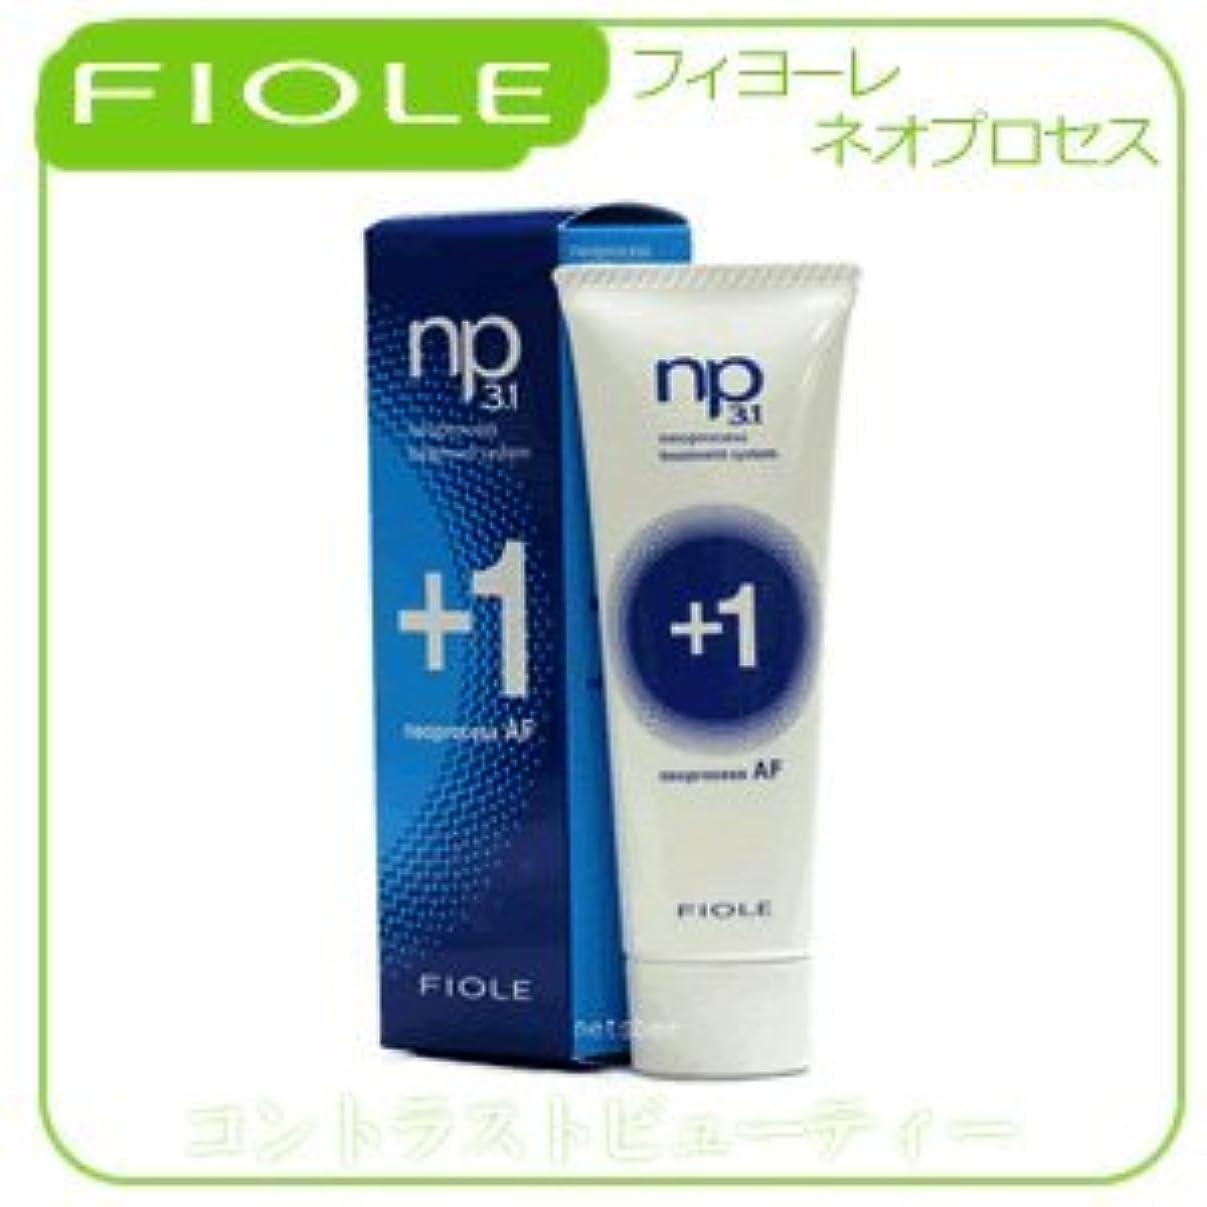 自動的に立場重大【X5個セット】 フィヨーレ NP3.1 ネオプロセス AFプラス1 100g FIOLE ネオプロセス